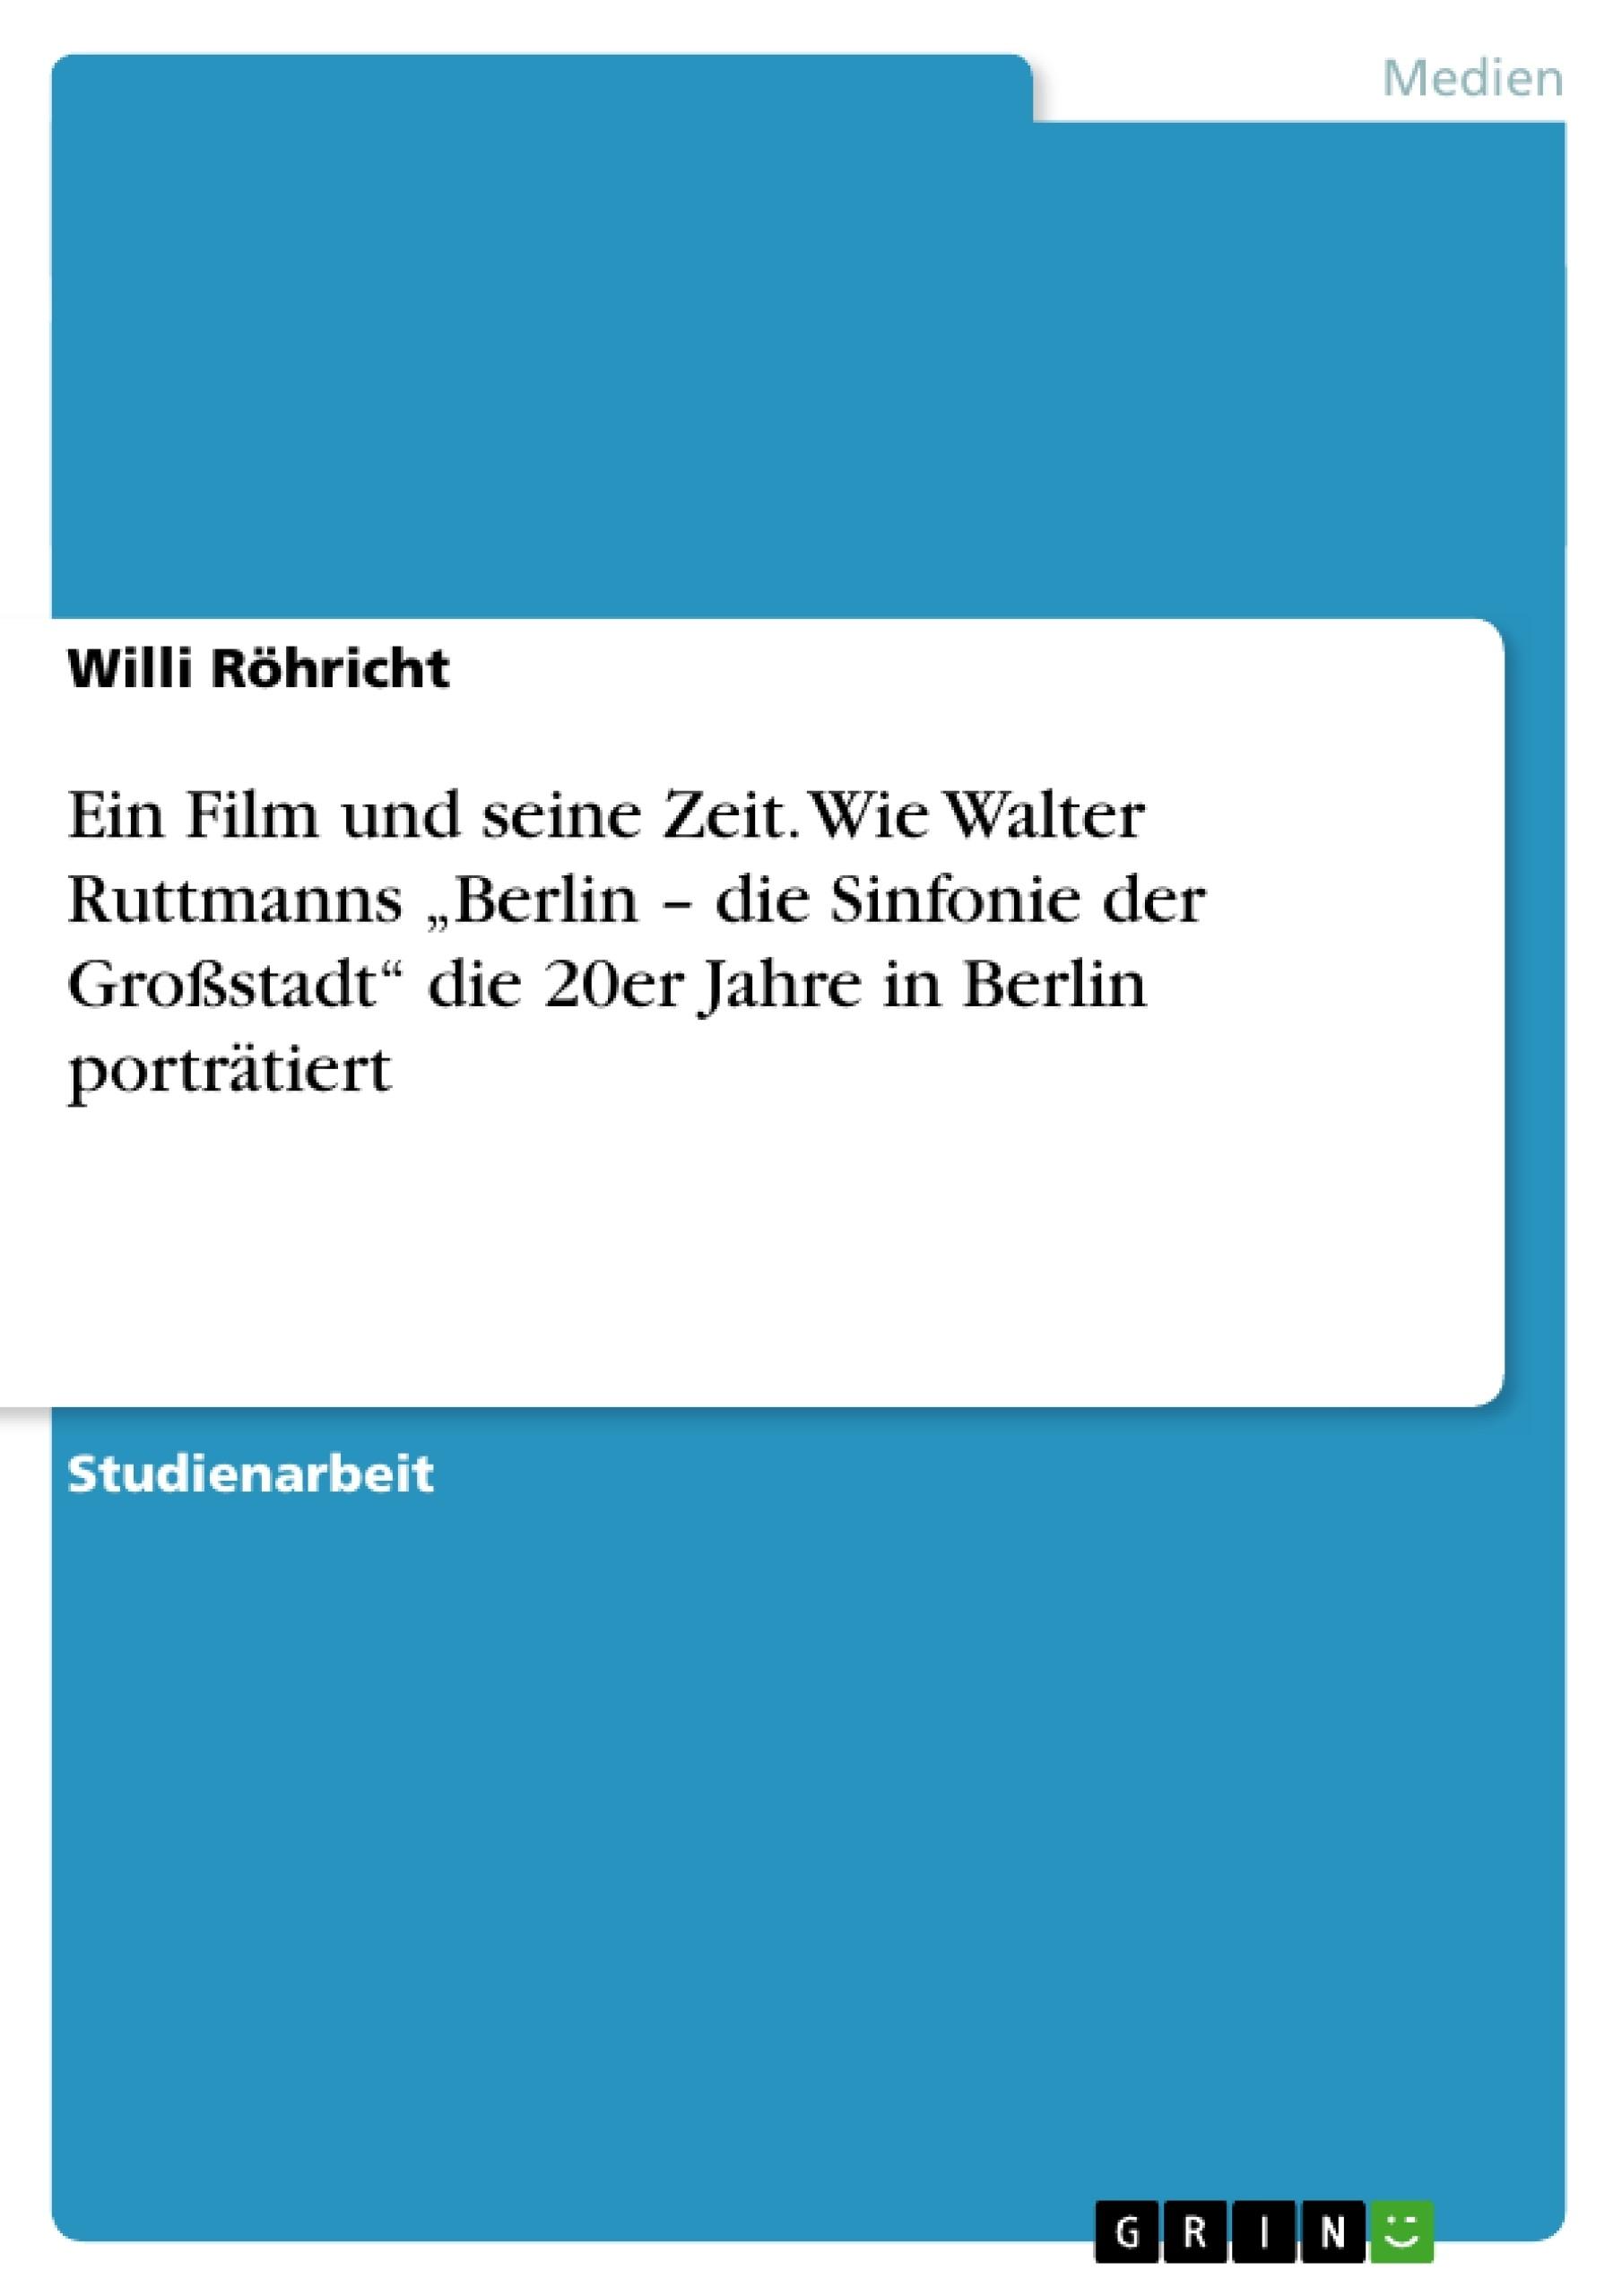 """Titel: Ein Film und seine Zeit. Wie Walter Ruttmanns """"Berlin – die Sinfonie der Großstadt"""" die 20er Jahre in Berlin porträtiert"""